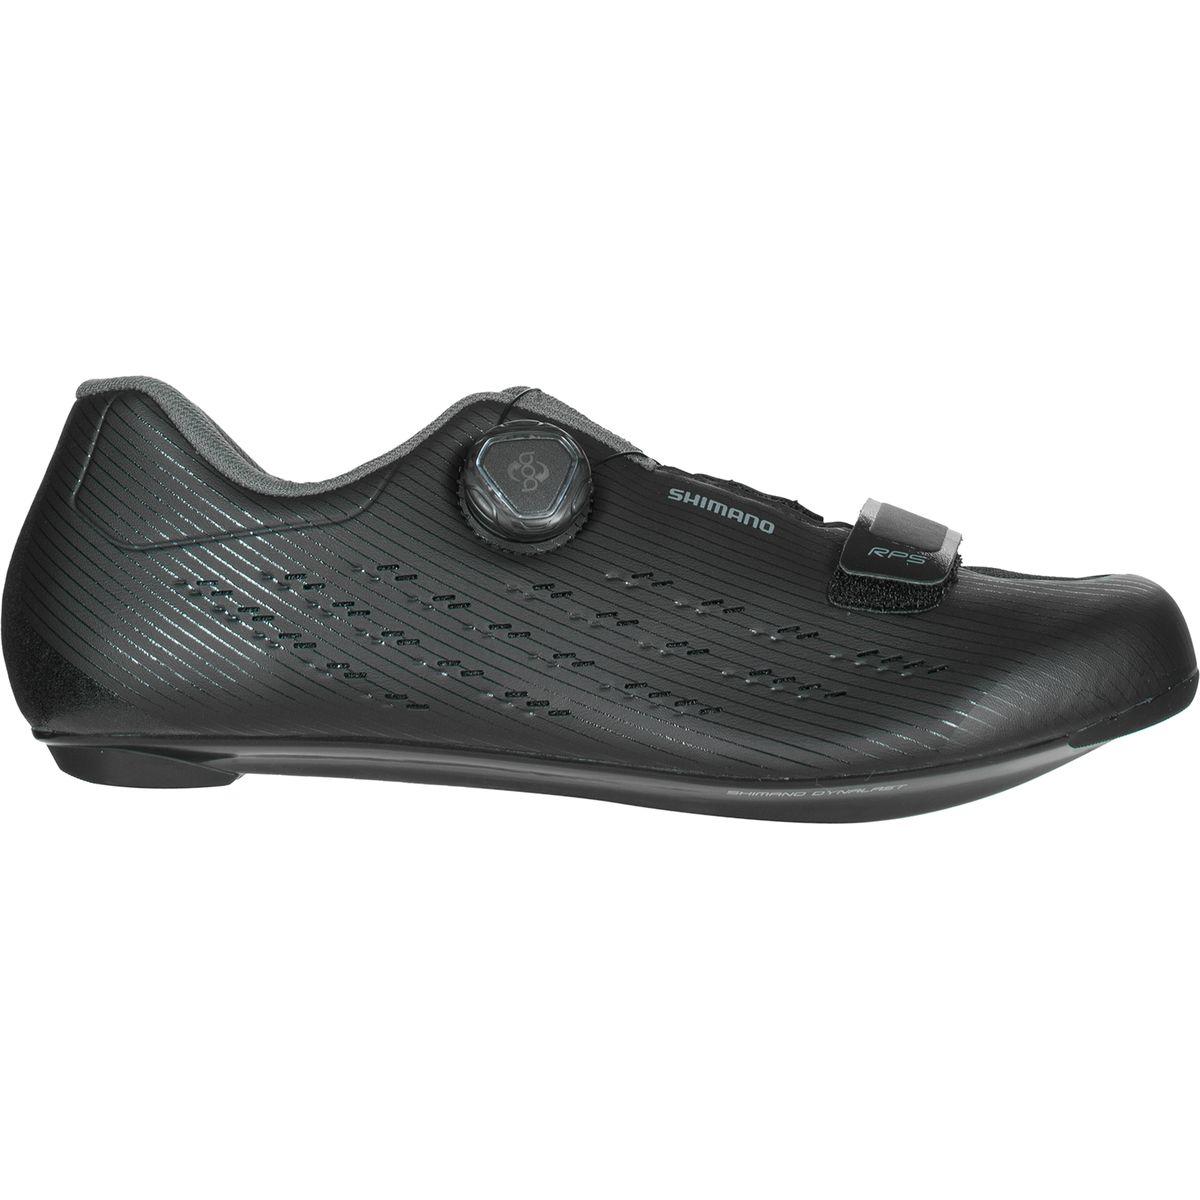 Shimano SH-RP5 Cycling Shoe - Men's